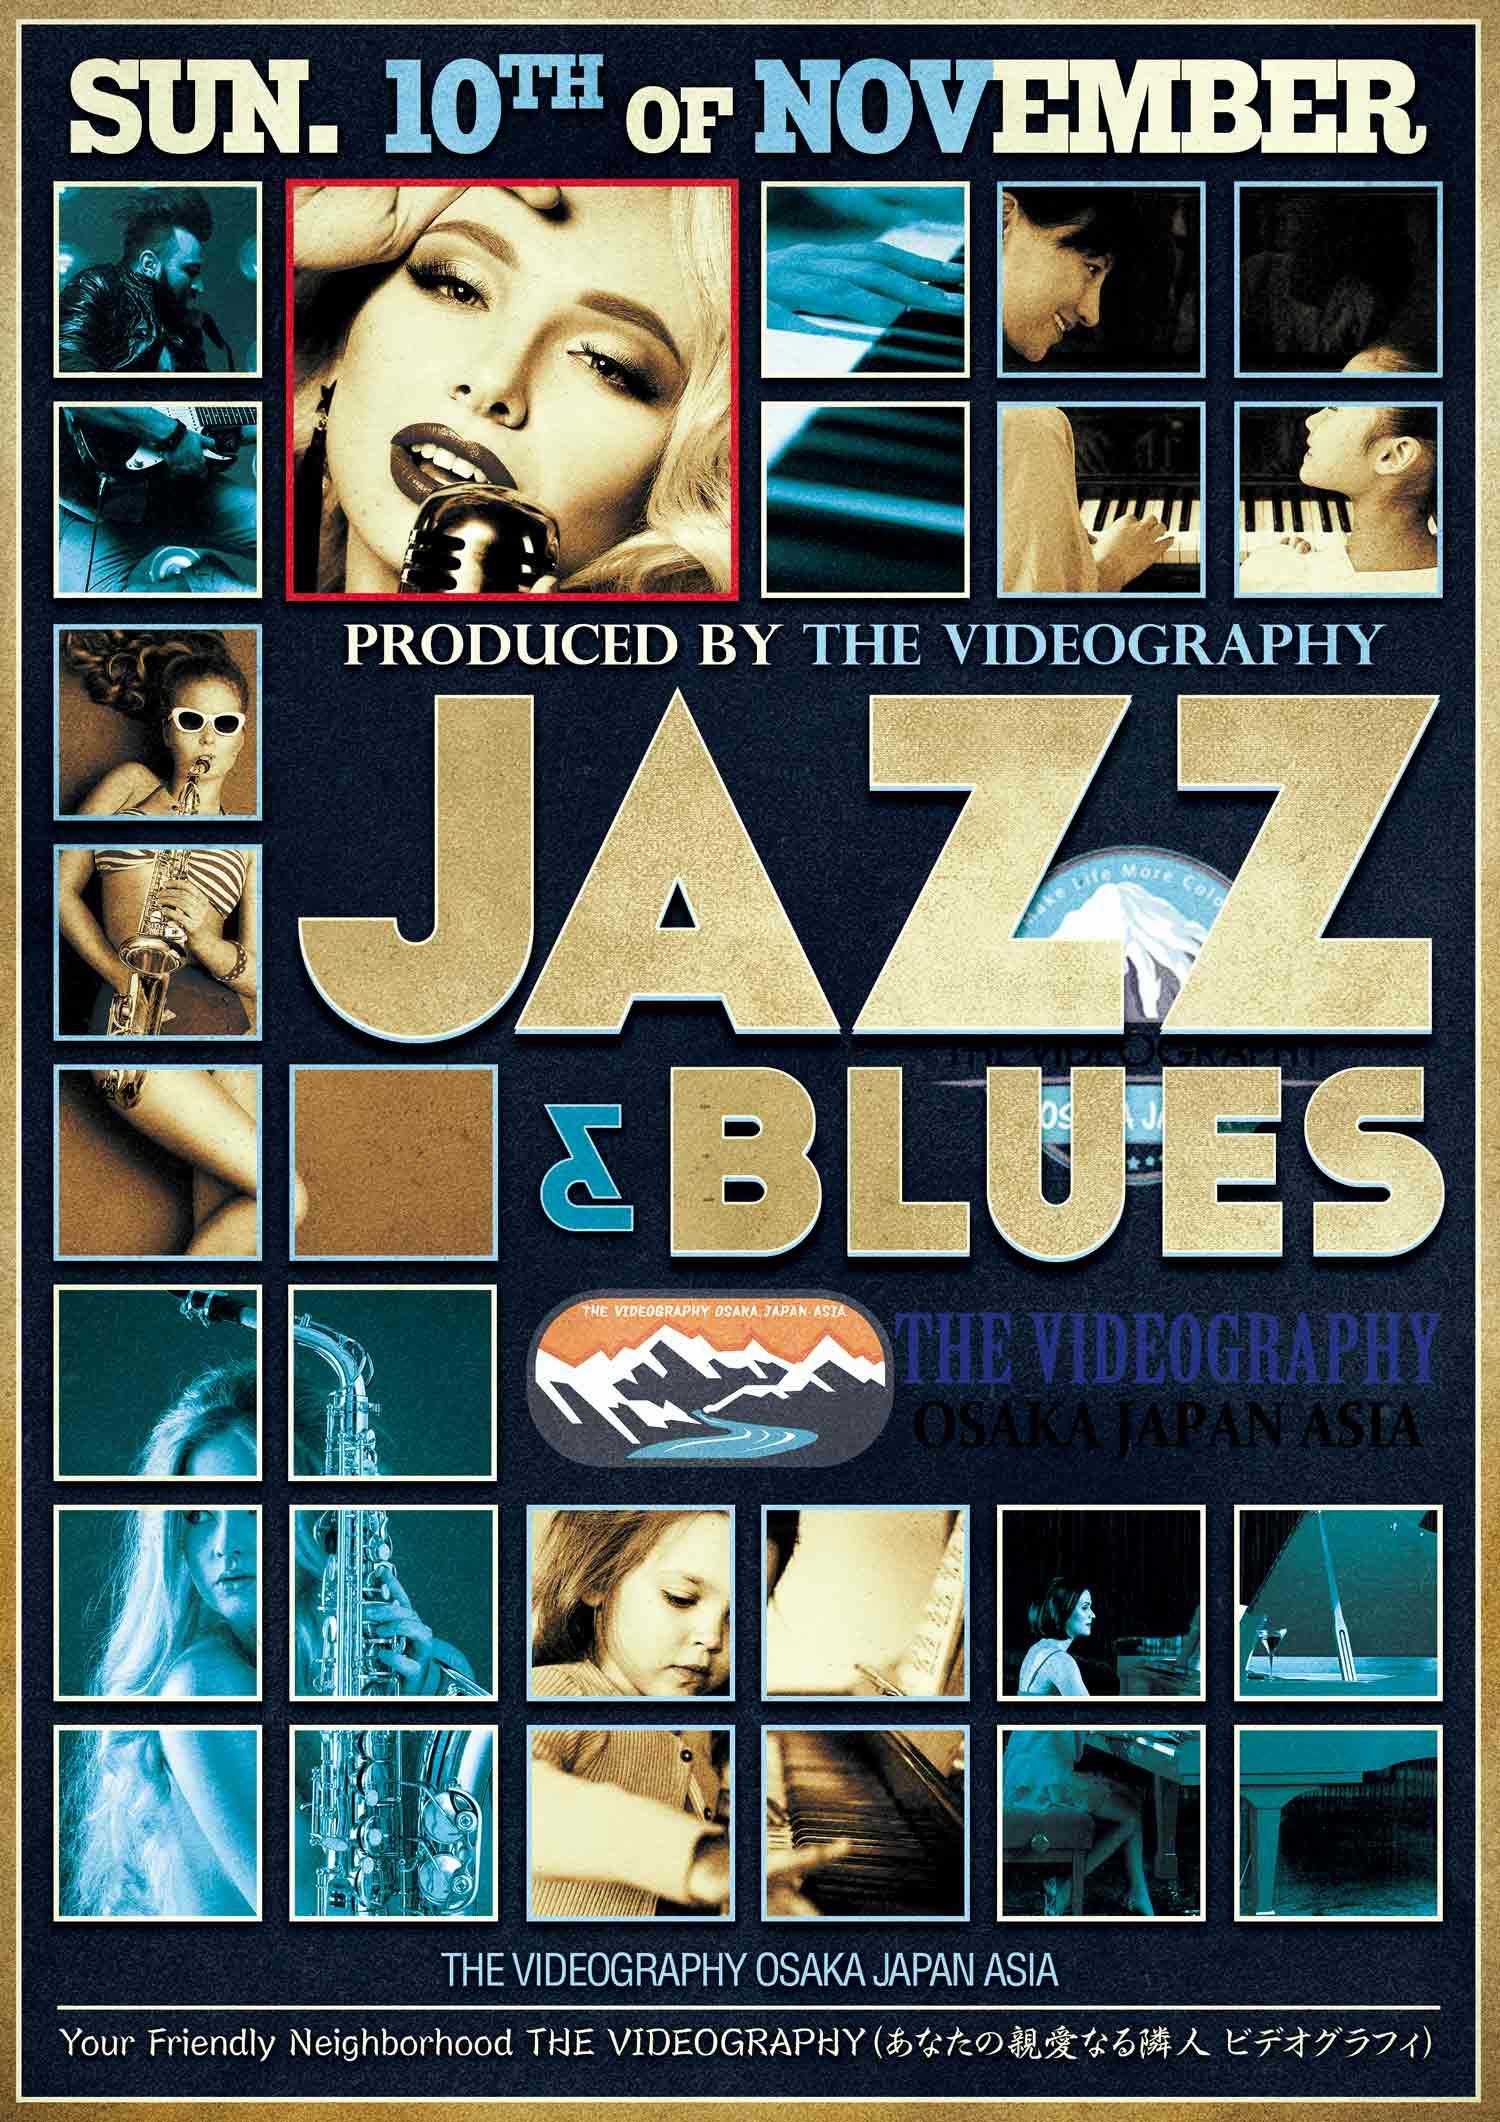 ジャズ ピアノ演奏会 ダンス発表会のフライヤー チラシ広告